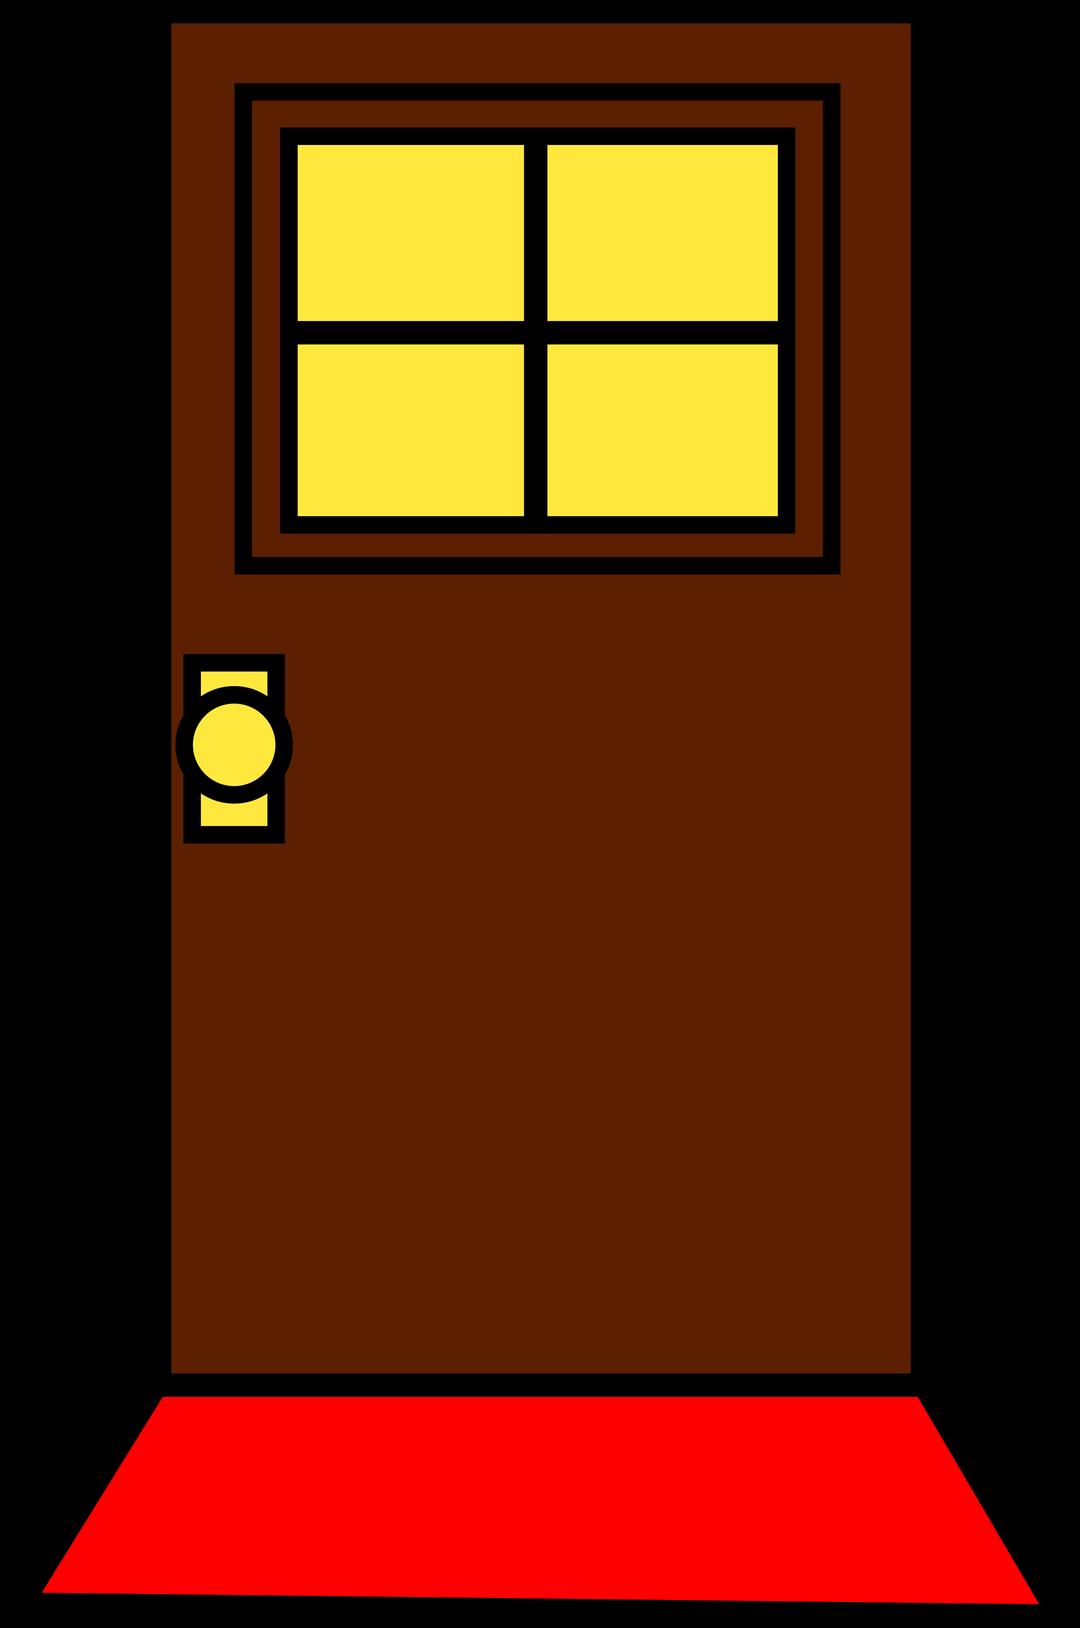 Simple Brown Door Design Free Clip Art With Window And Doormat.